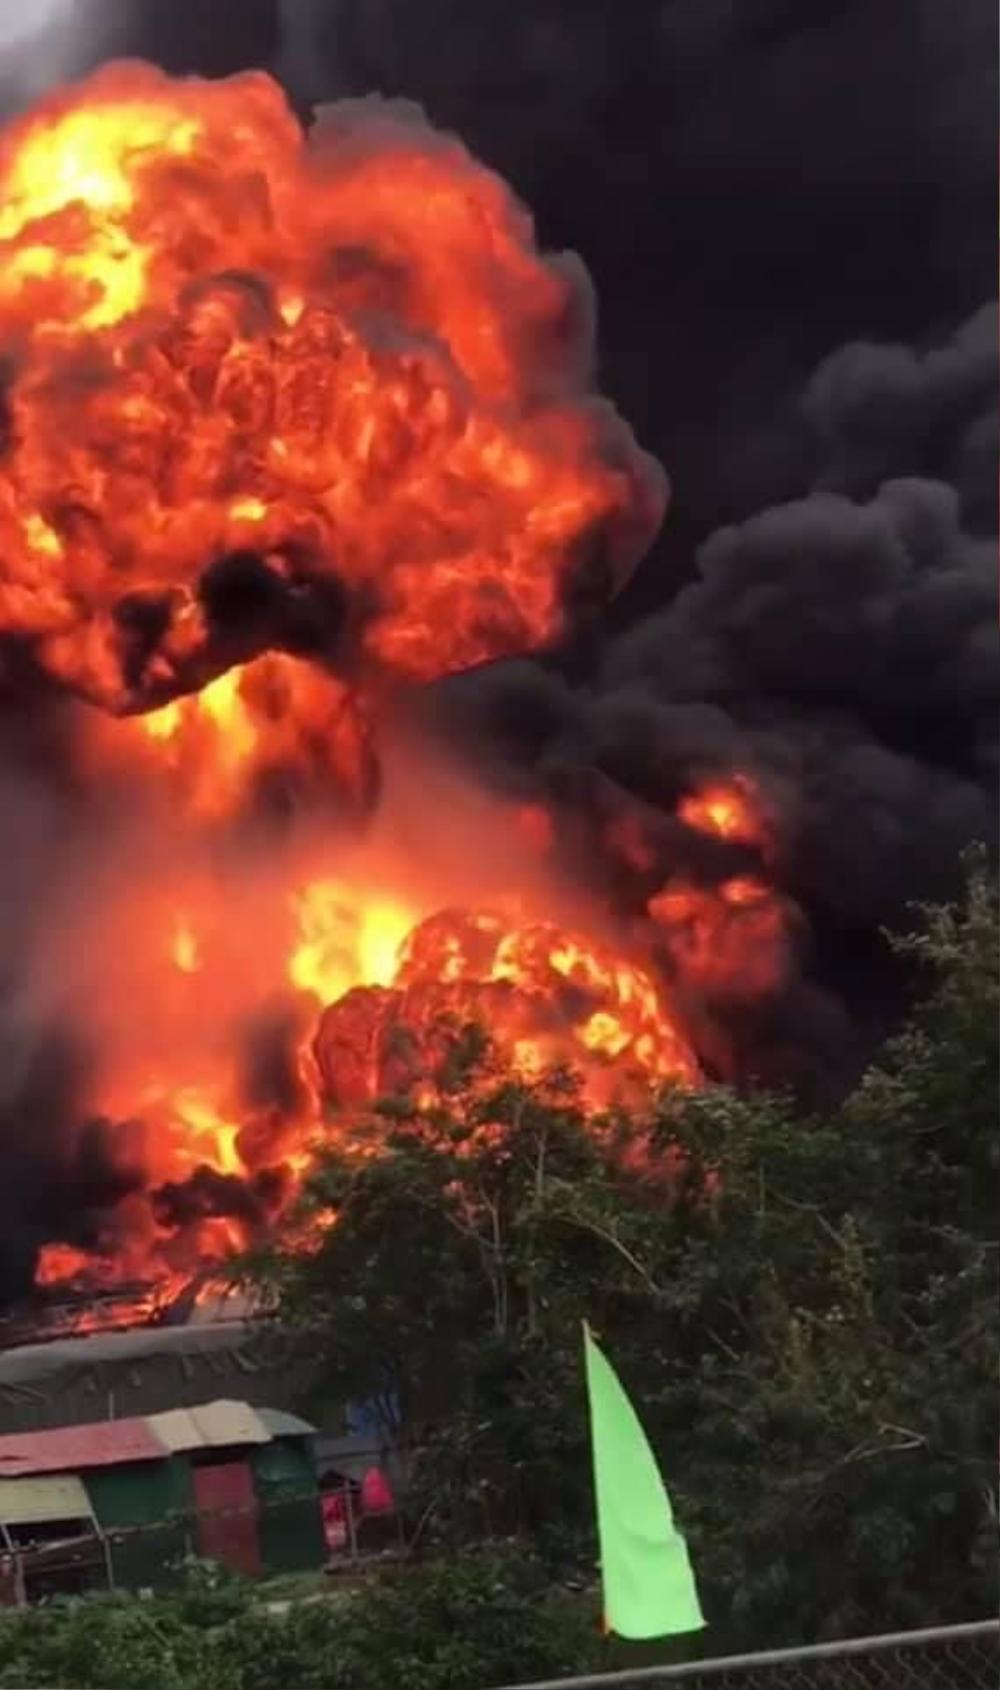 Xe chở pháo lậu ngờ phát nổ bốc cháy kinh hoàng, 2 người chết, 6 người bị thương Ảnh 1